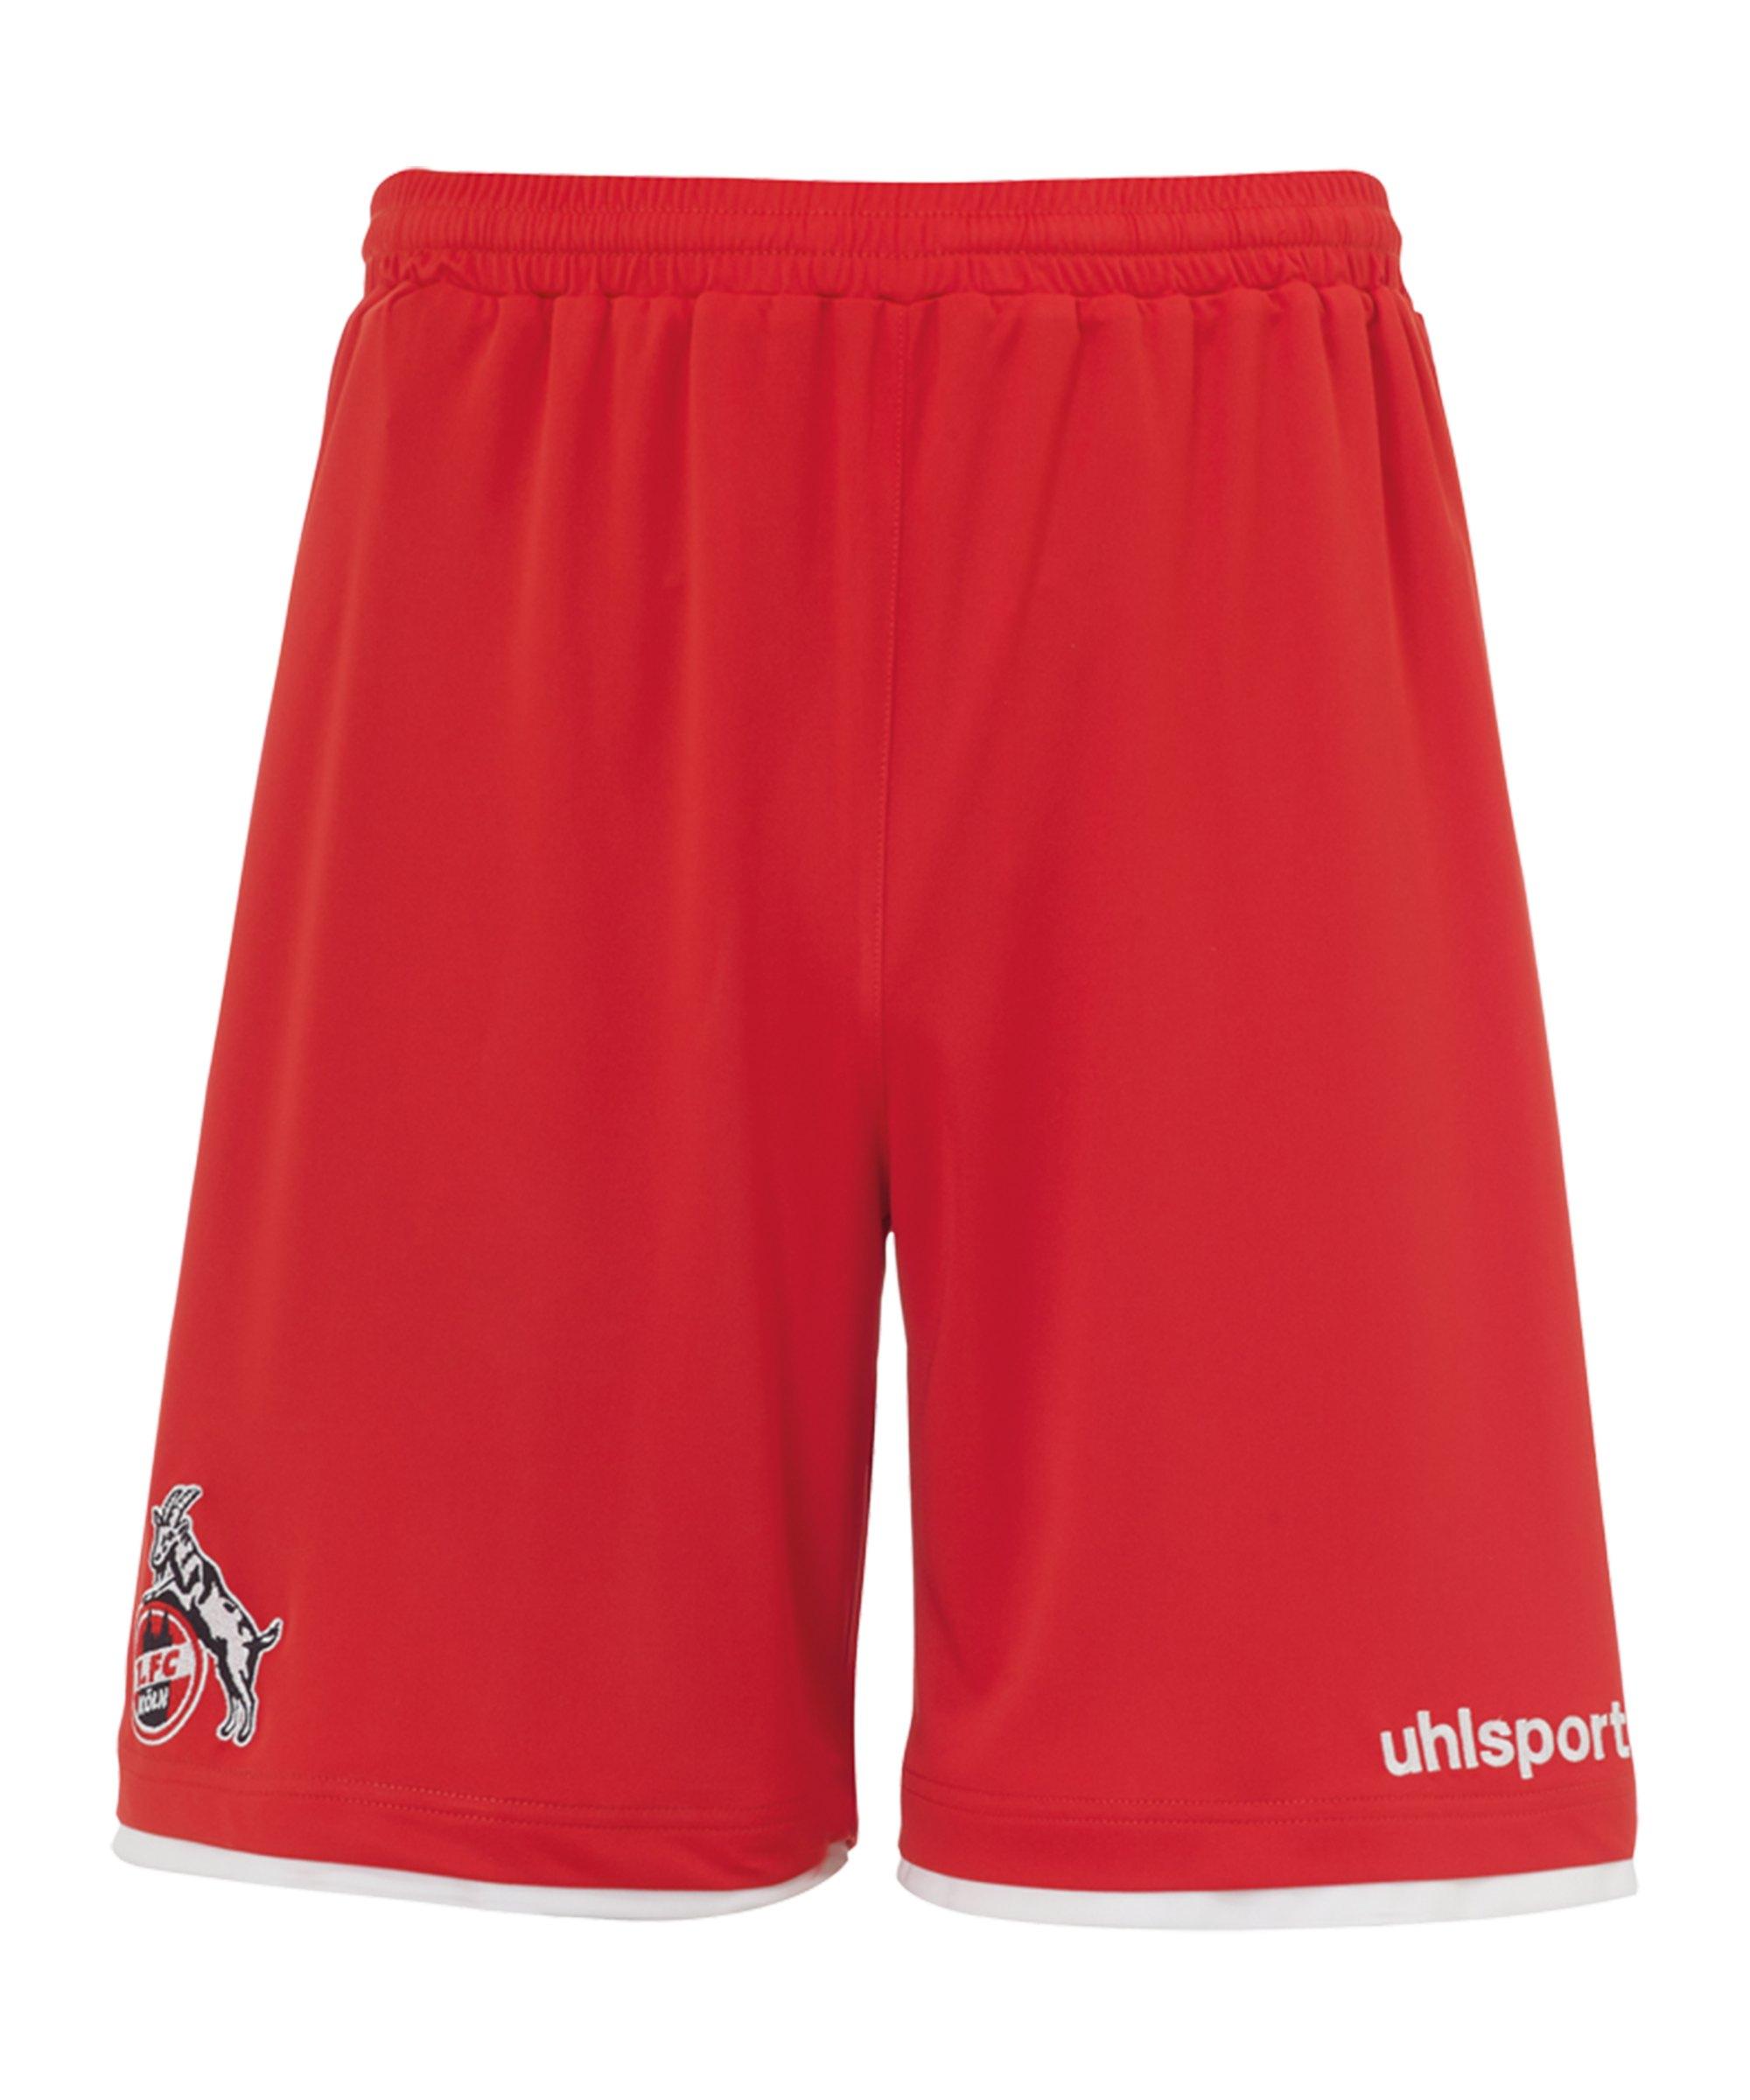 Uhlsport 1. FC Köln Short Away 2021/2022 Rot - rot